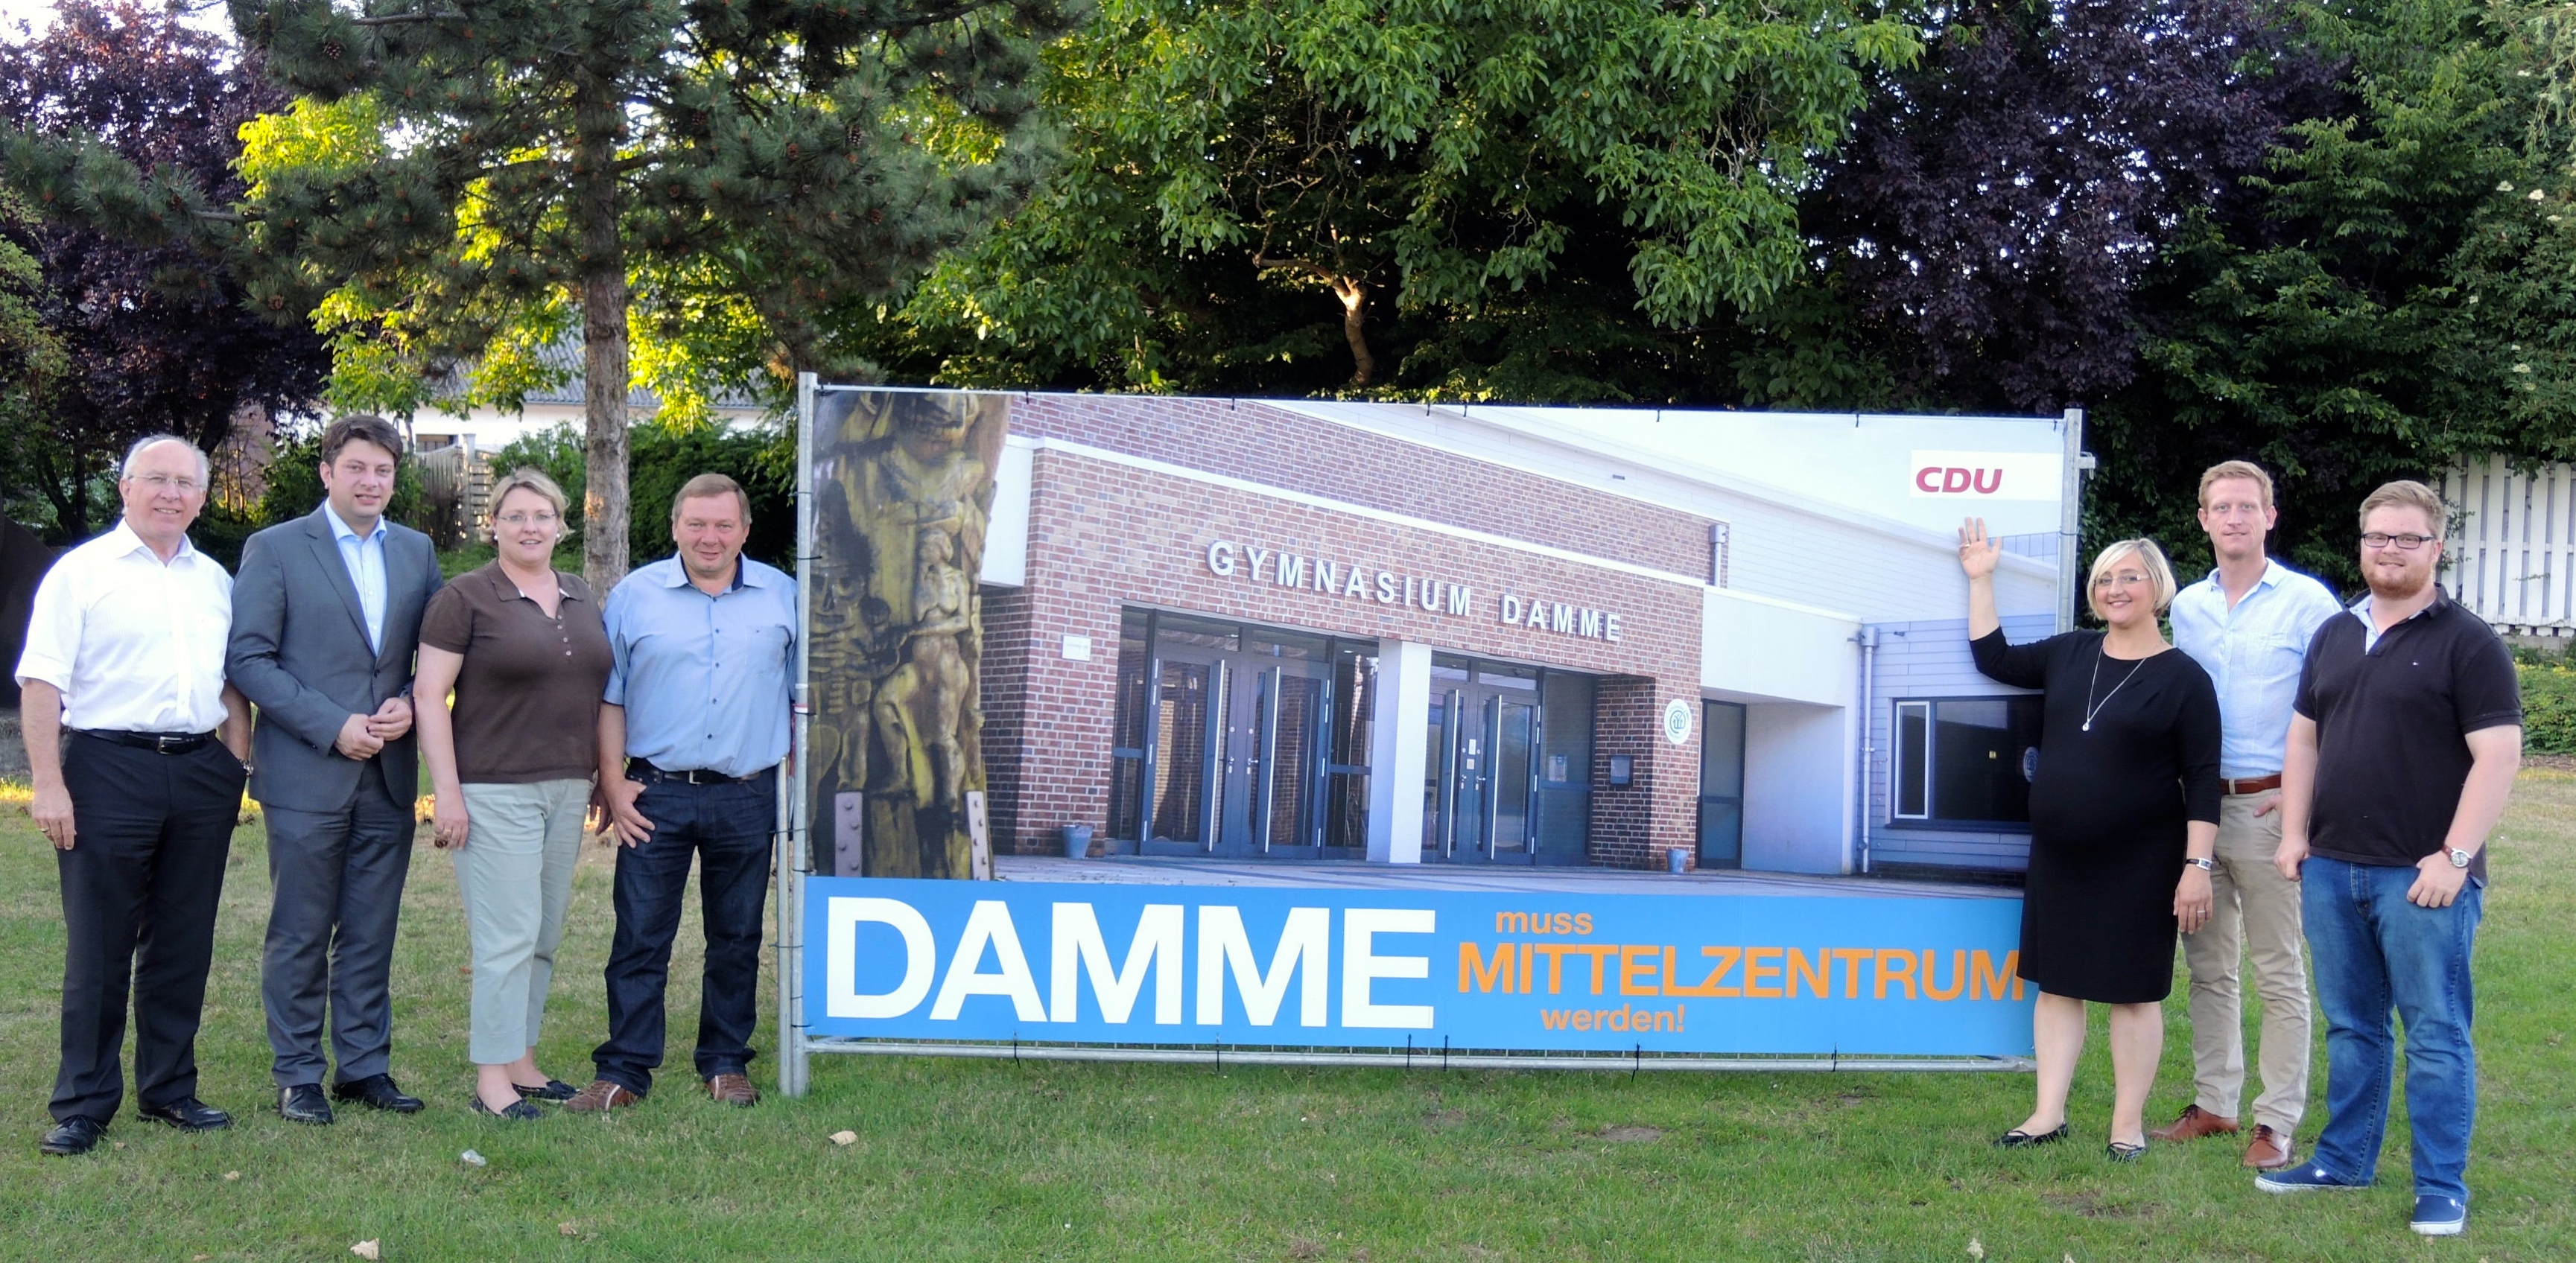 """""""Damme muss Mittelzentrum werden"""" - werben die CDU-Damme und der örtliche Landtagsabgeordnete Christian Calderone für eine Neuformulierung im zweiten Entwurf des LROP."""